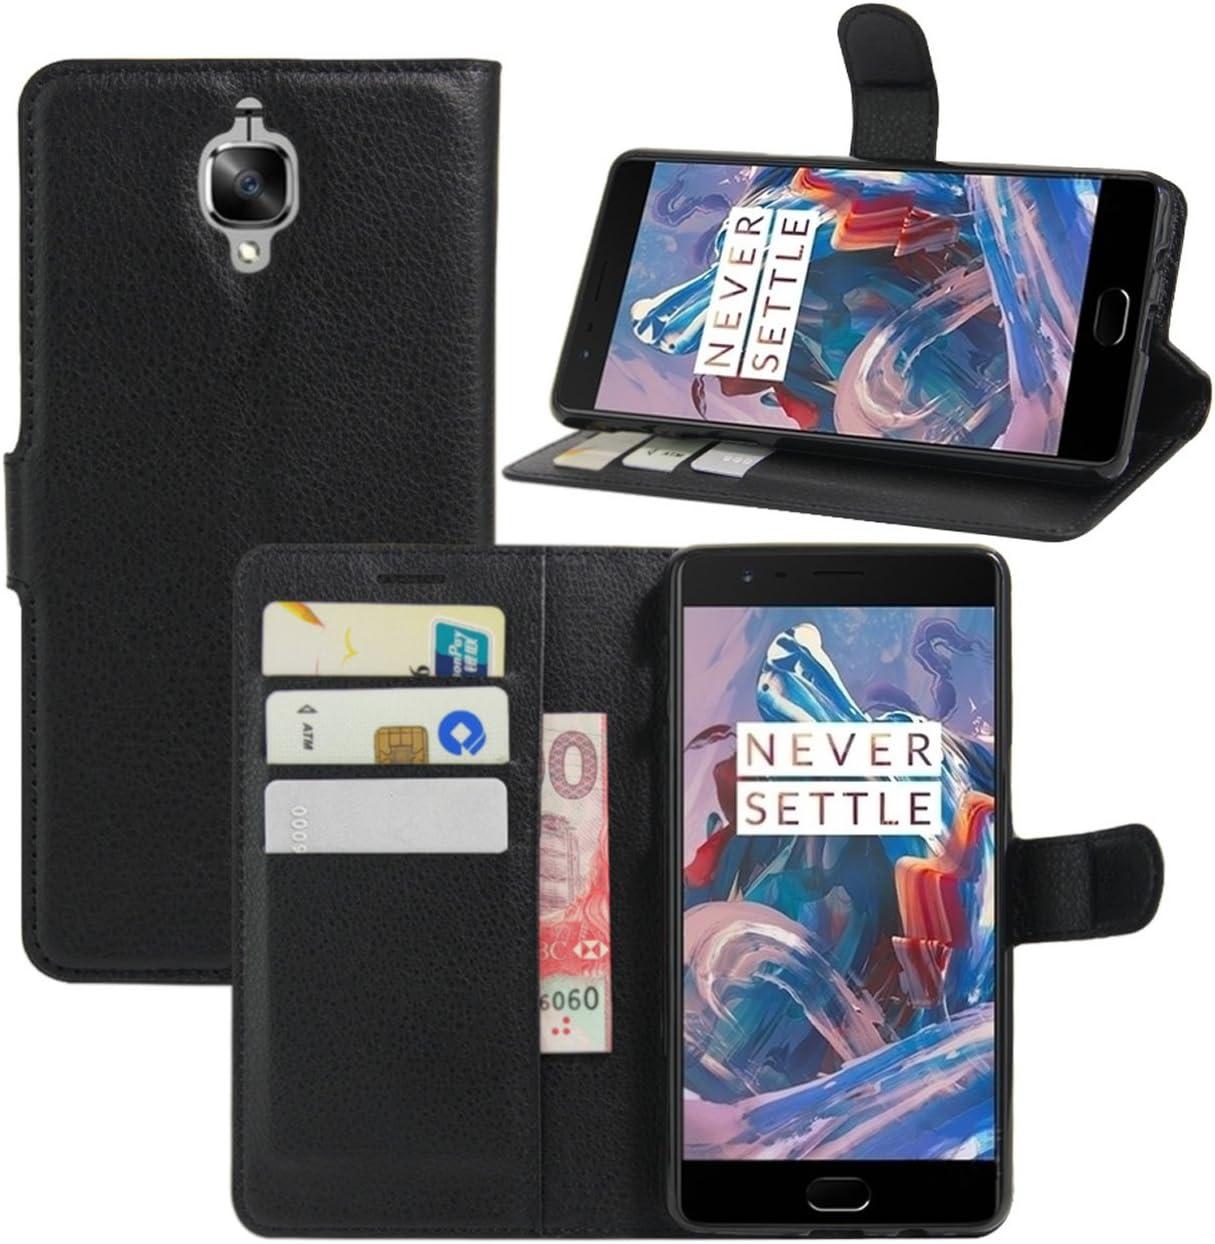 HualuBro Funda con Tapa para móvil OnePlus 3, Soporte, protección Integral, diseño de Cartera de Piel sintética, Tarjetero, Piel sintética, Negro, For OnePlus 3: Amazon.es: Electrónica